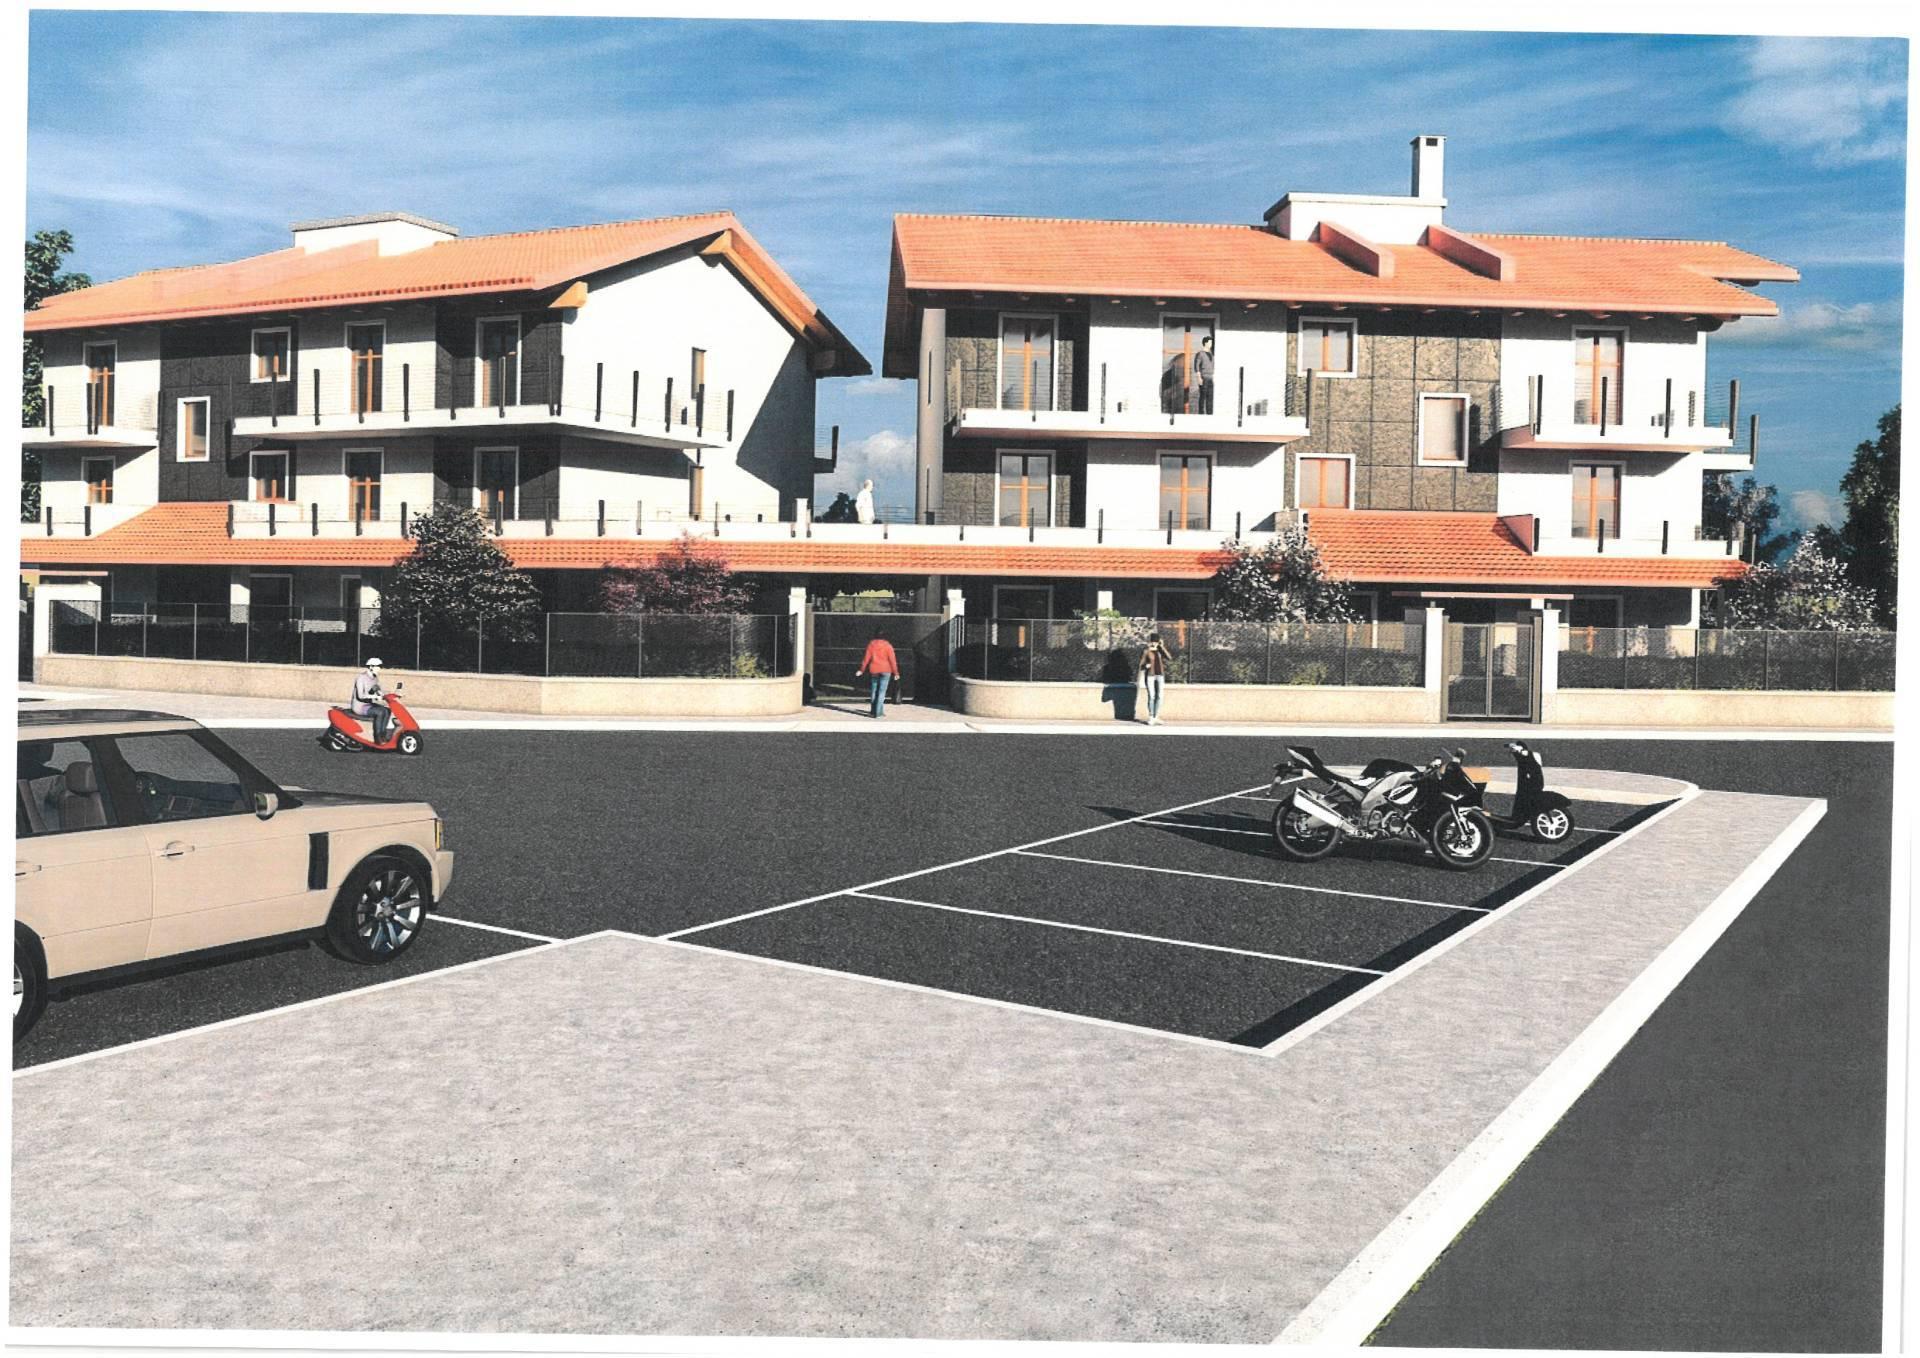 Appartamento in vendita a Grugliasco, 5 locali, zona Località: ParcoPorporati, prezzo € 295.000 | CambioCasa.it